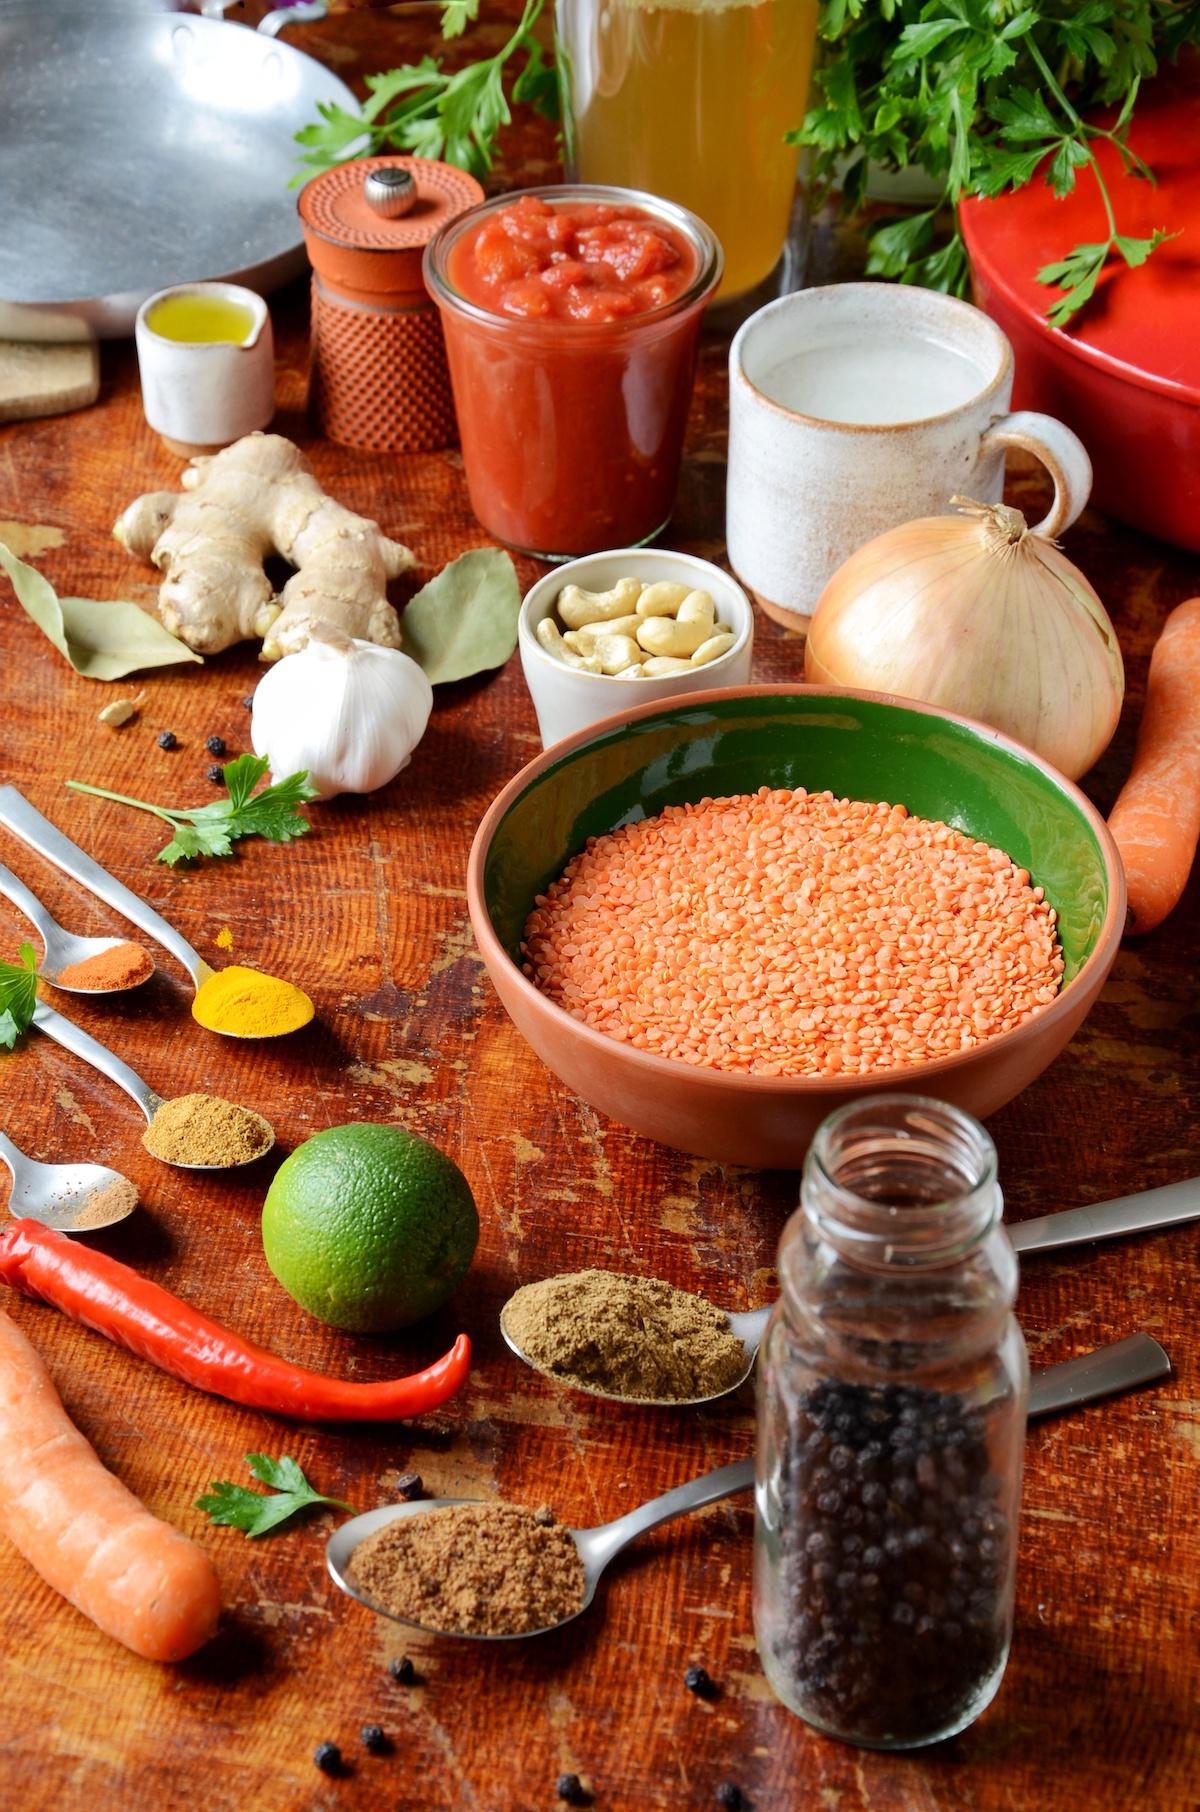 idée recette végétarienne originale indienne lentille corail gourmande healthy